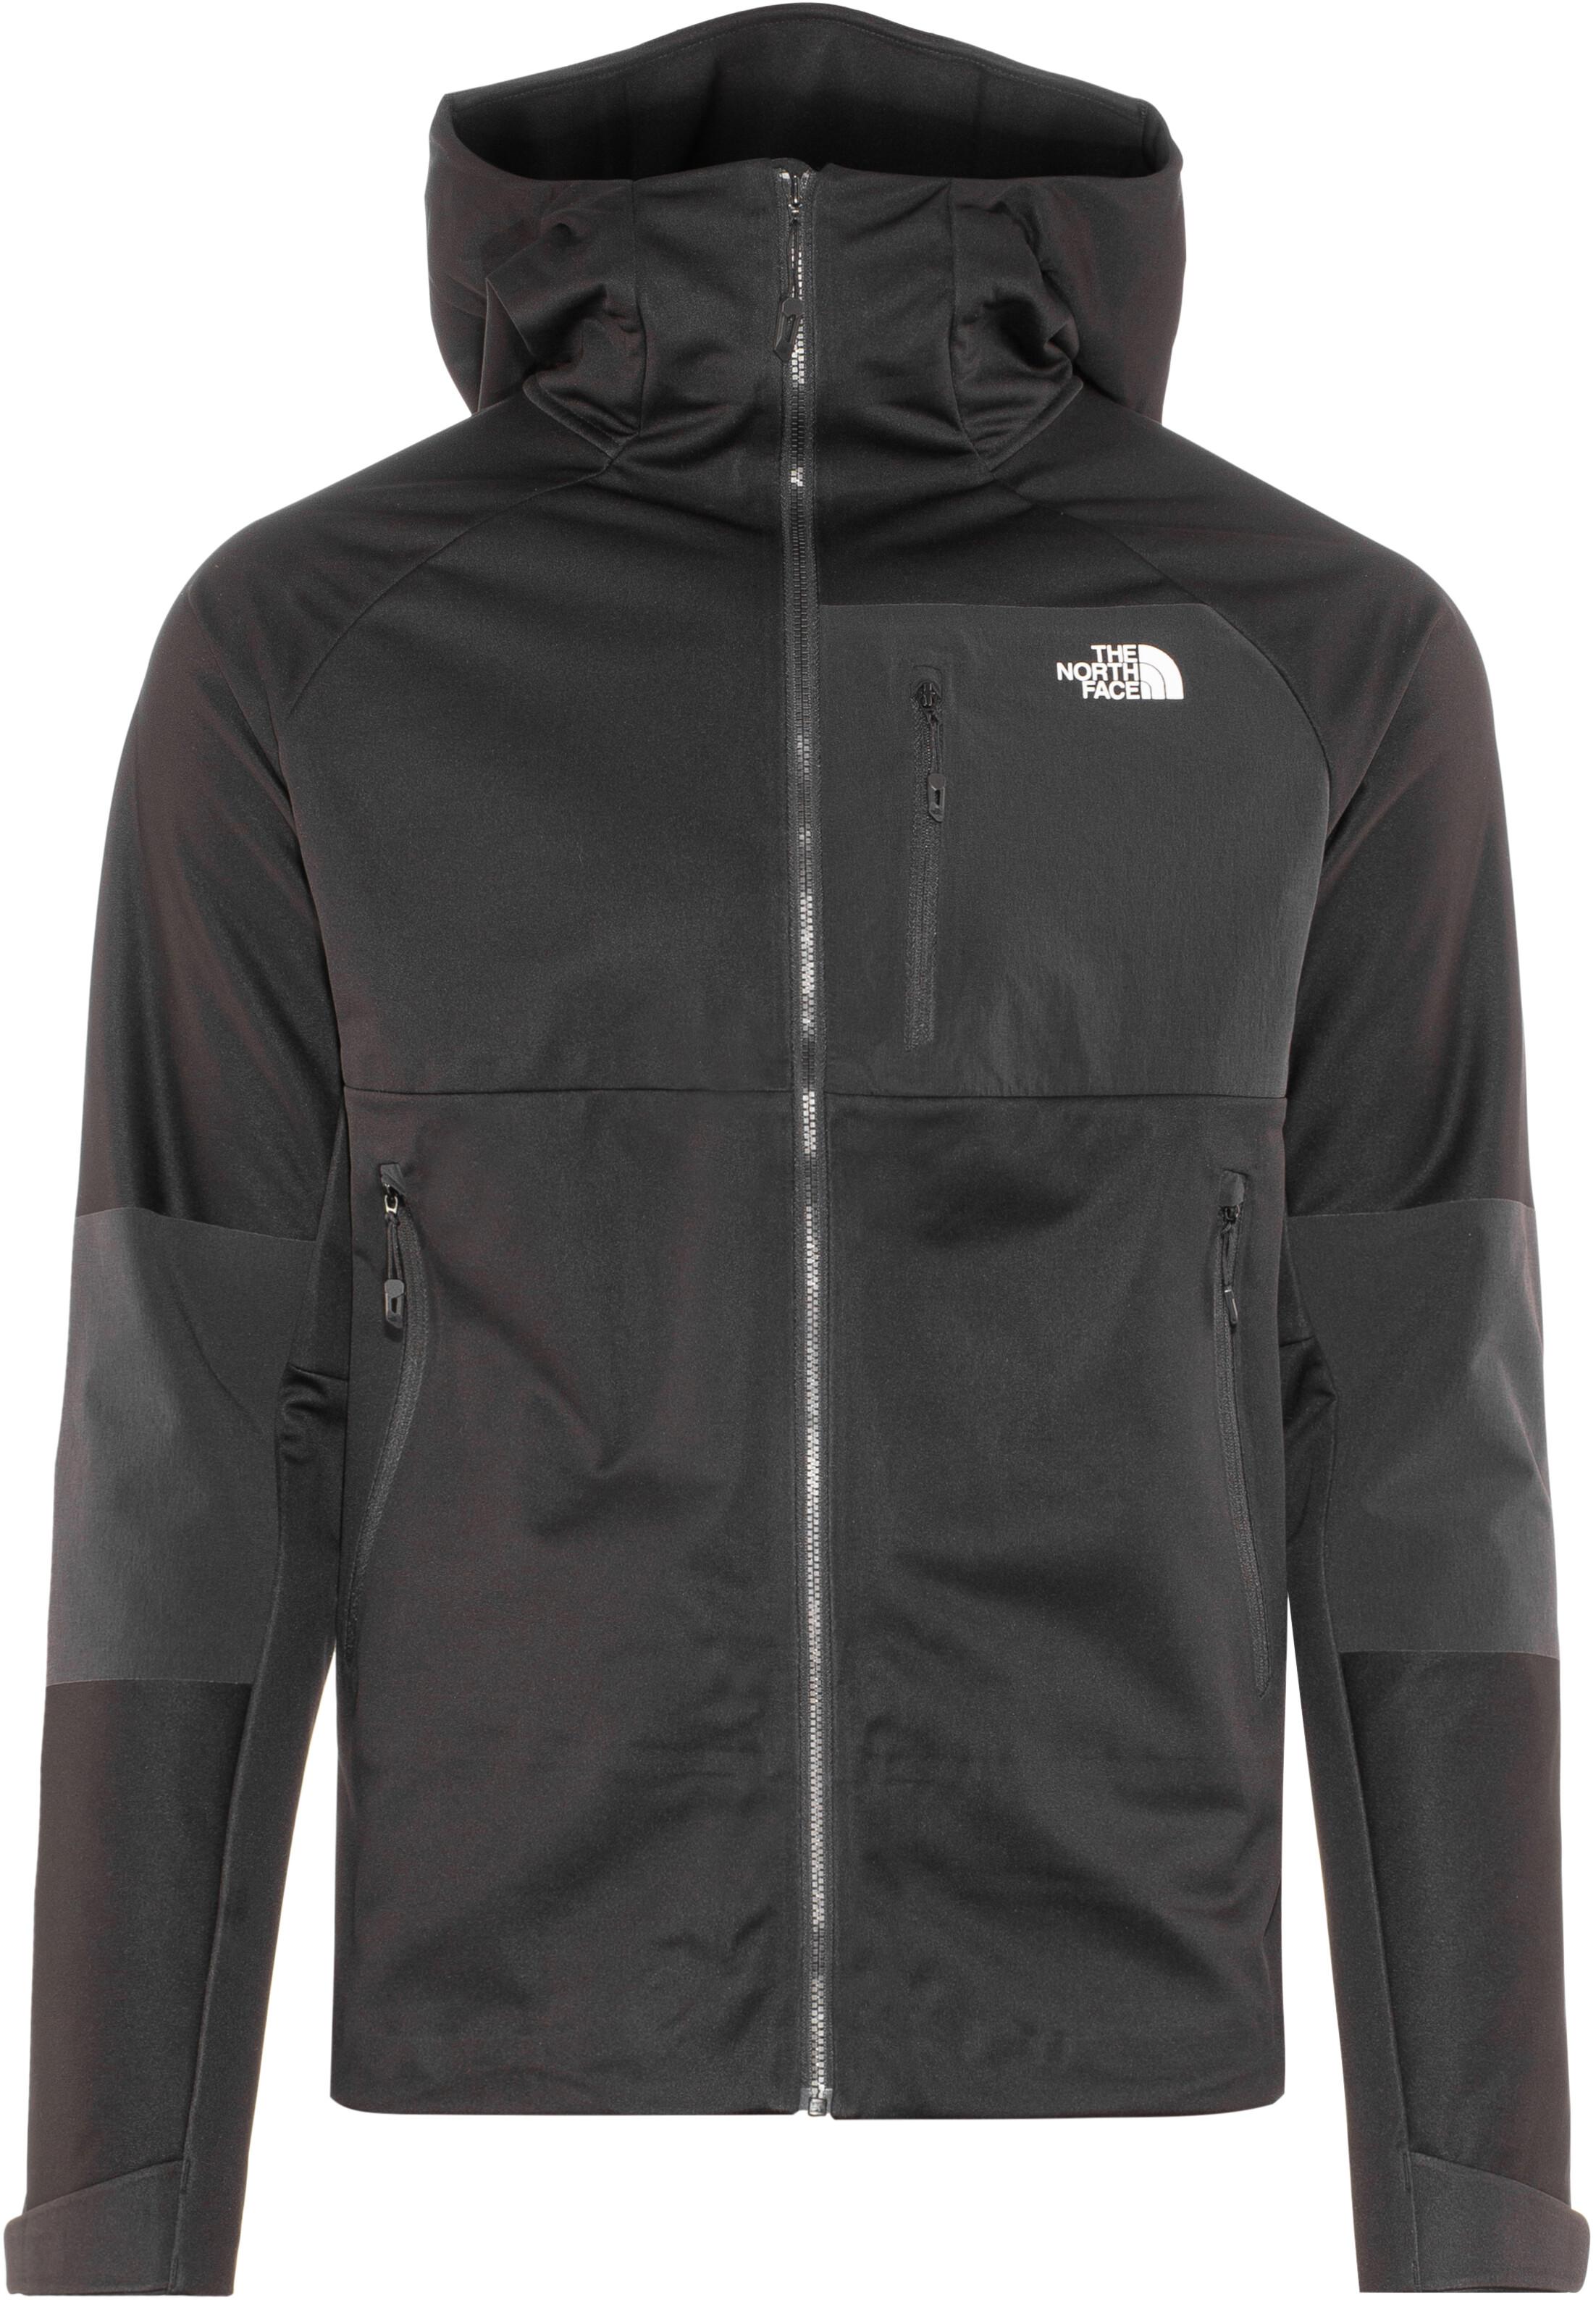 7e9cb51da6 The North Face Impendor Windstopper Jacket Men black at Addnature.co.uk